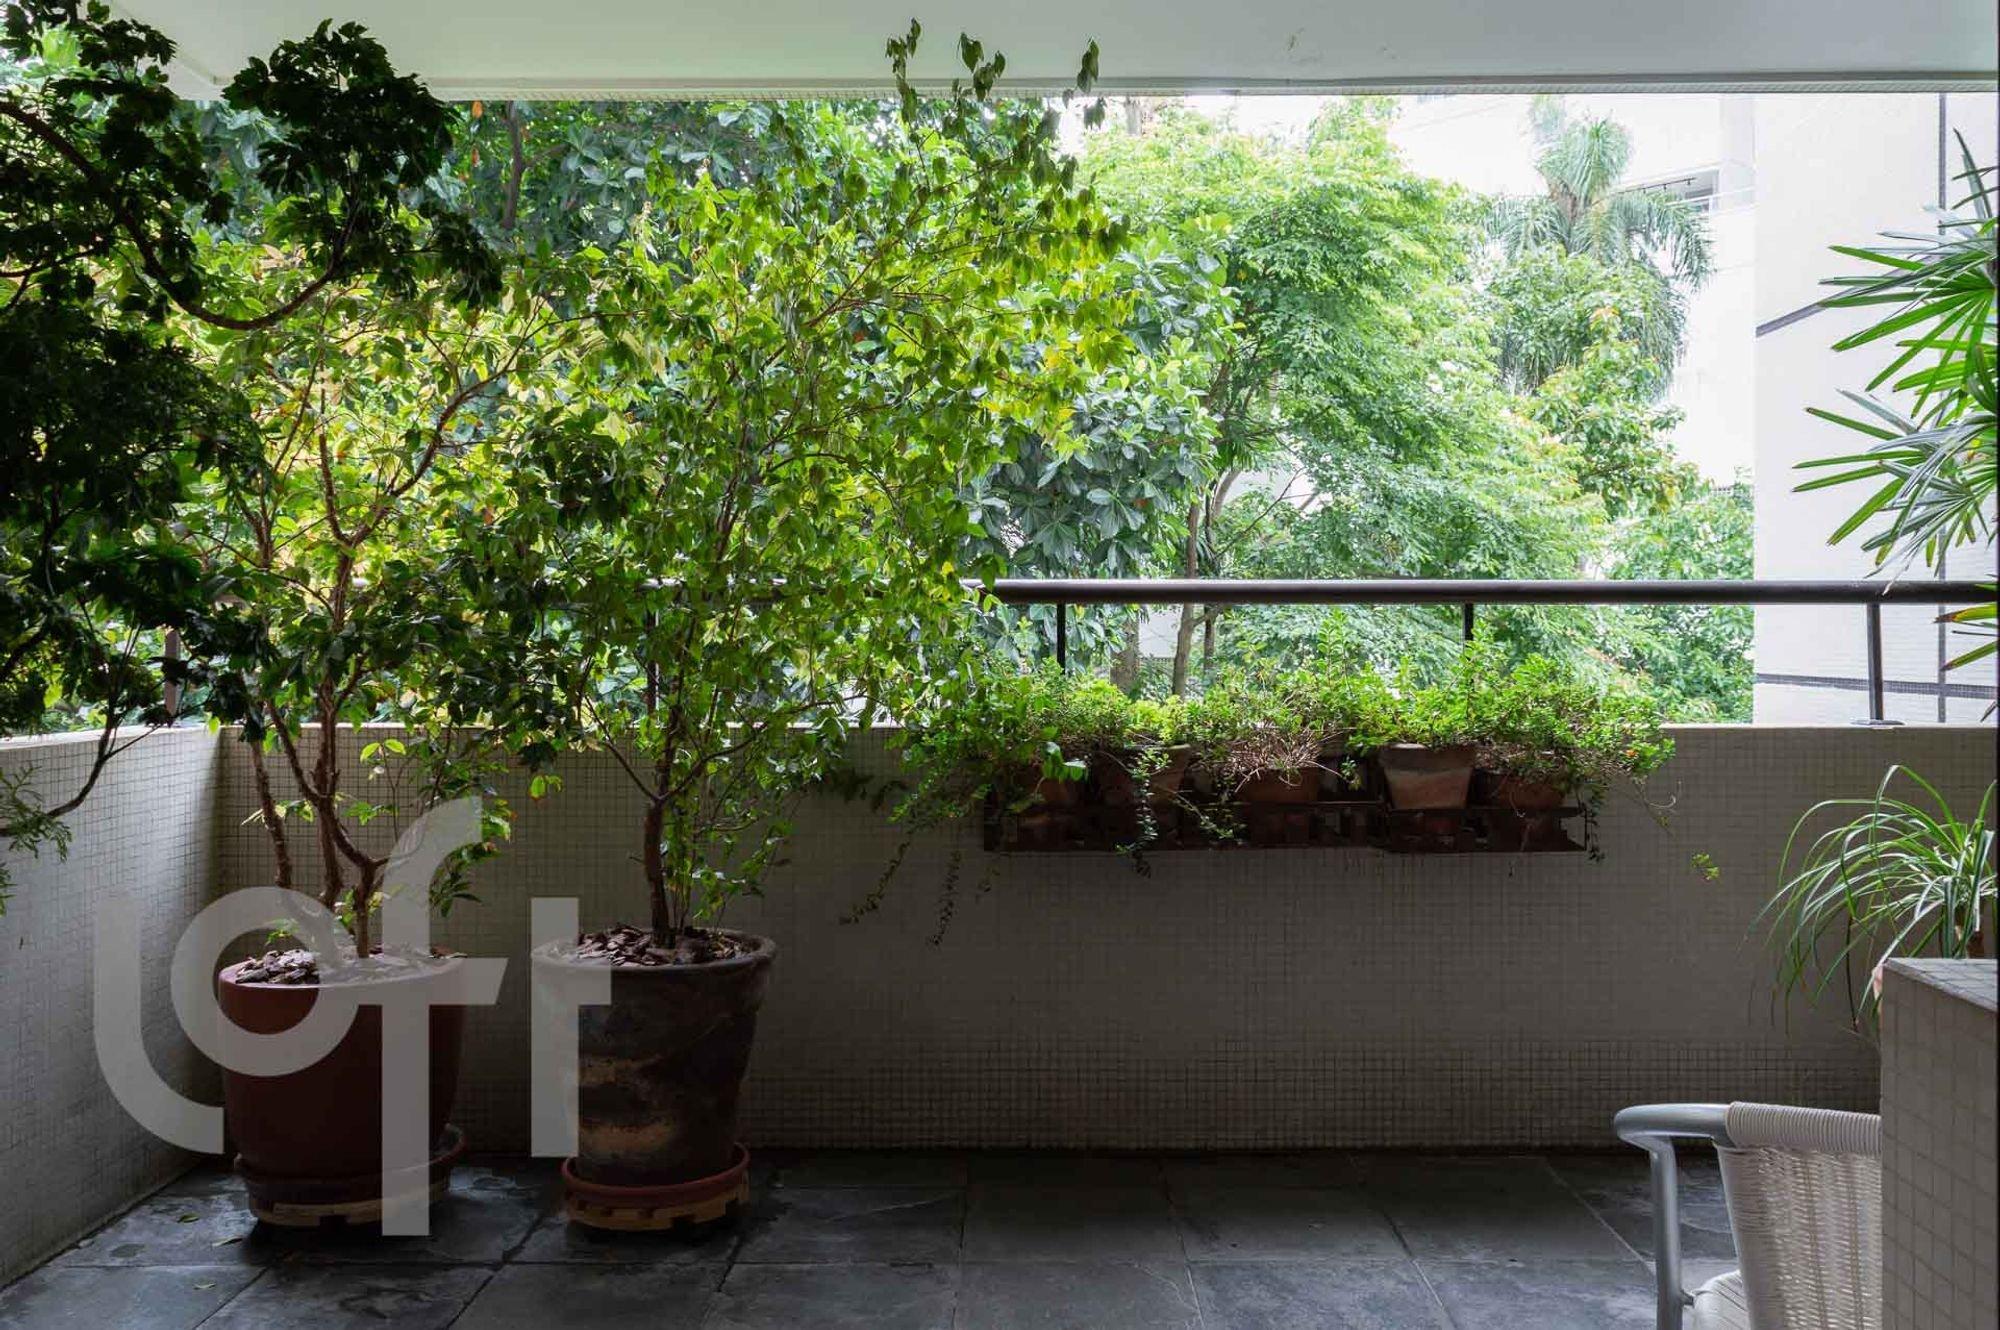 Foto de Varanda com vaso de planta, cadeira